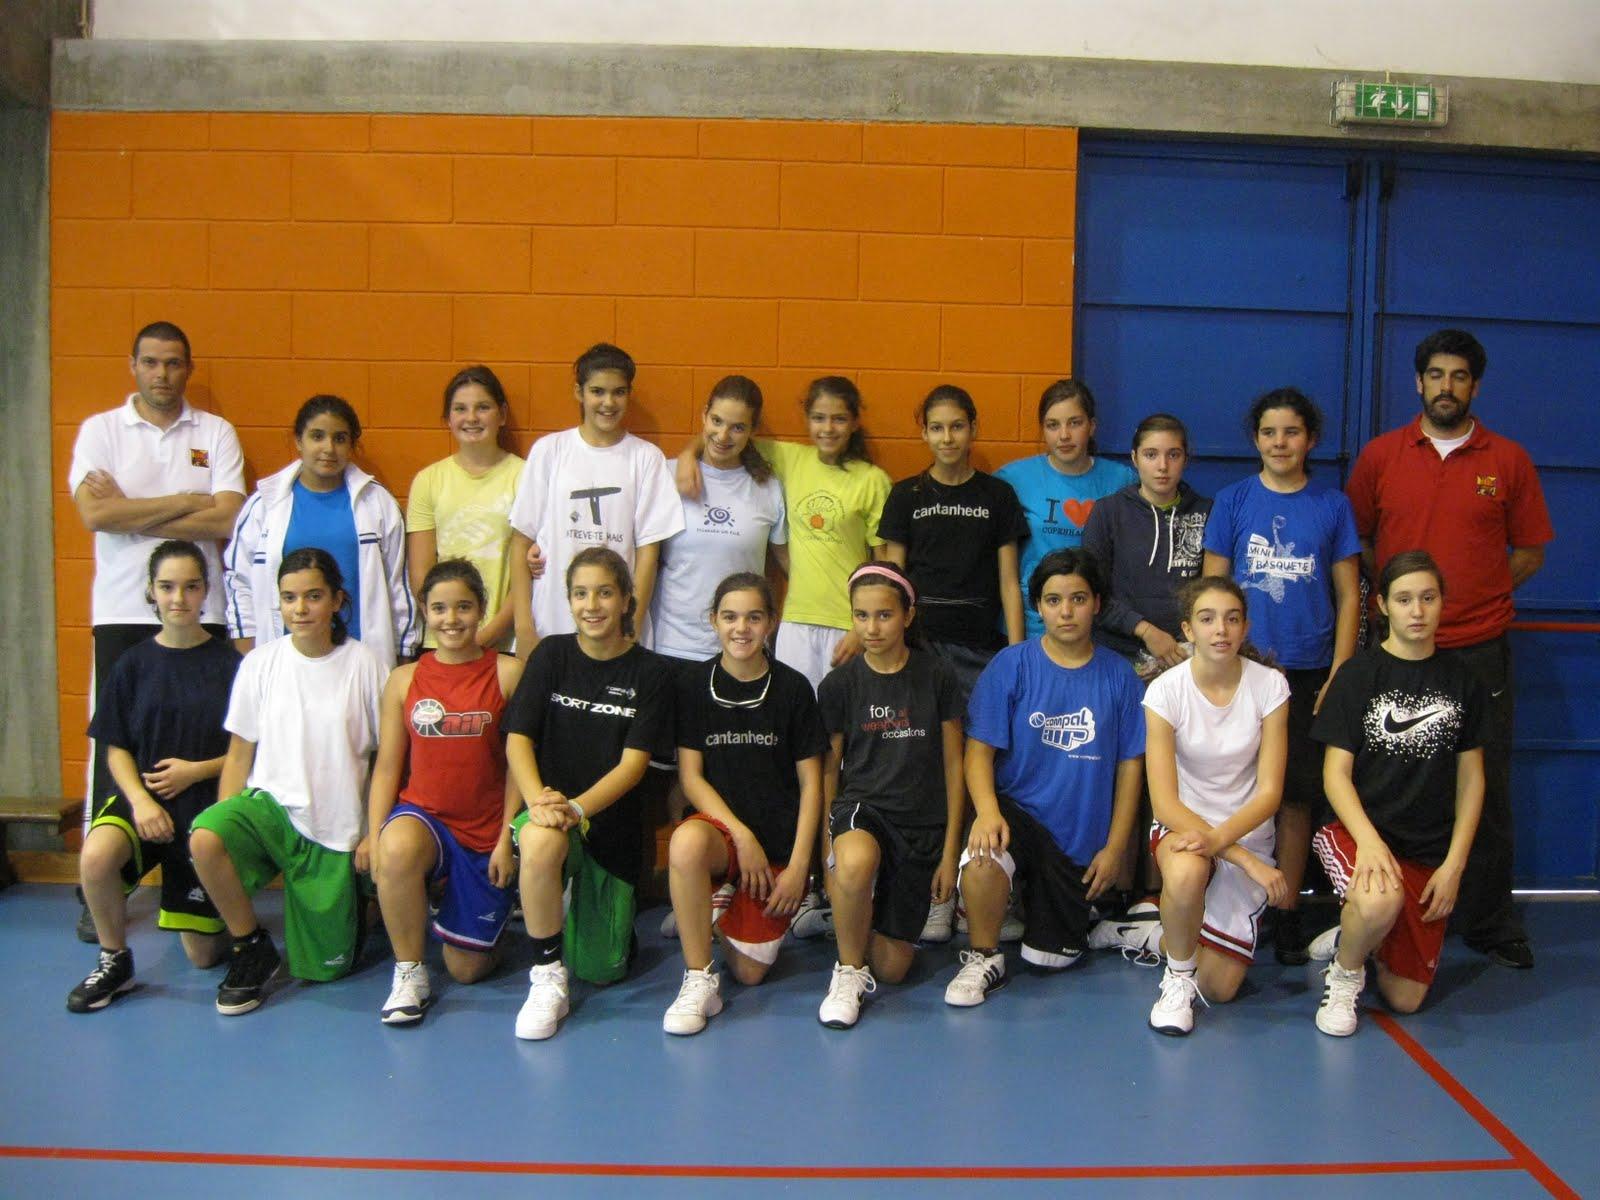 1d767f83c5 Associação de Basquetebol de Coimbra  2010